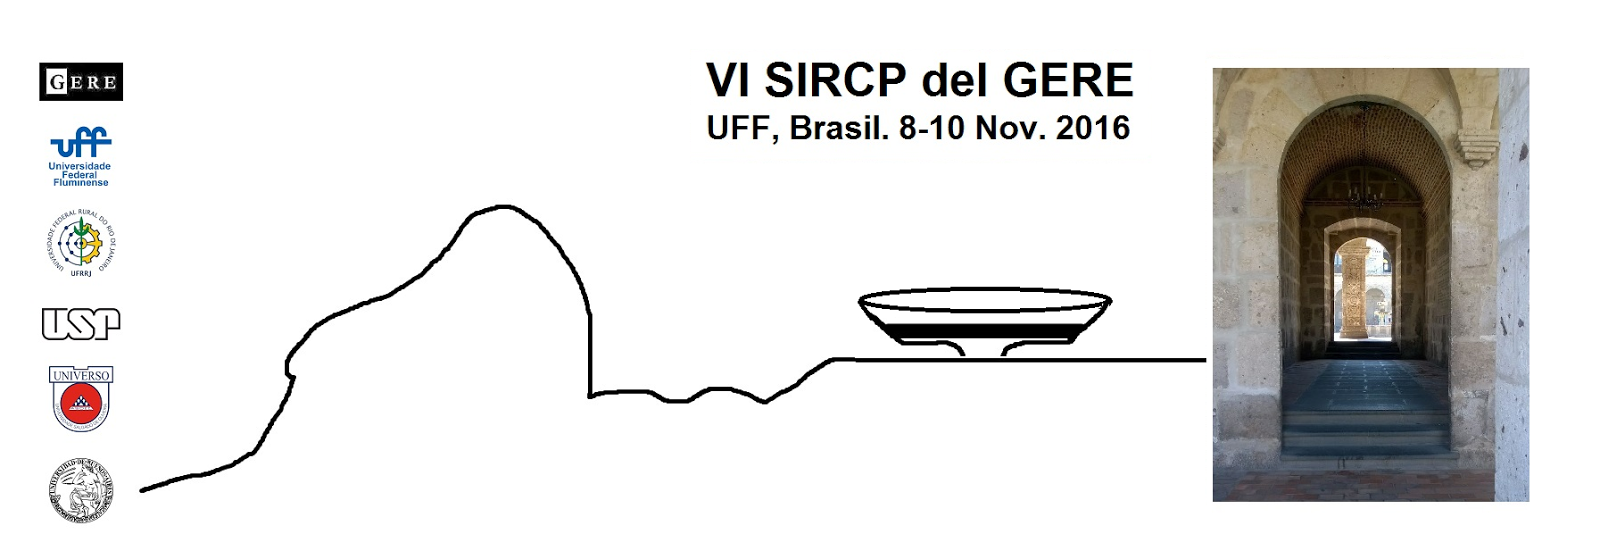 VI SIRCP: Simposio Internacional sobre Religiosidad, Cultura y Poder